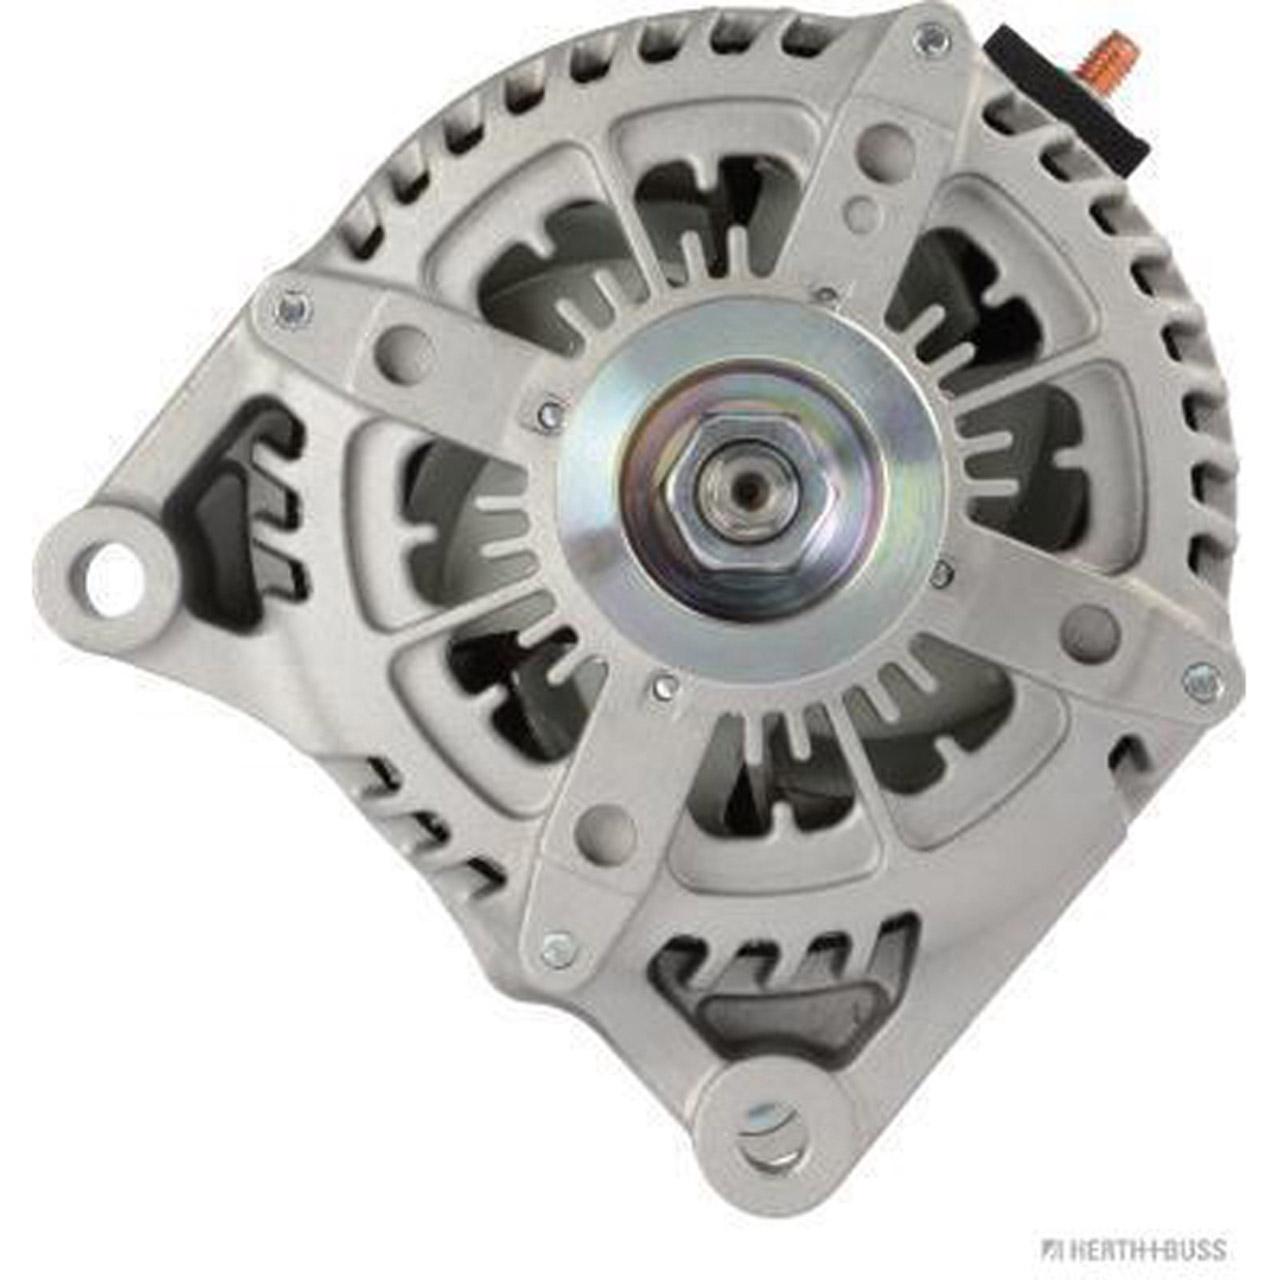 HERTH+BUSS Lichtmaschine 14V 180A BMW 1er 2er 3er 4er 5er X1 X2 X3 MINI F54-60